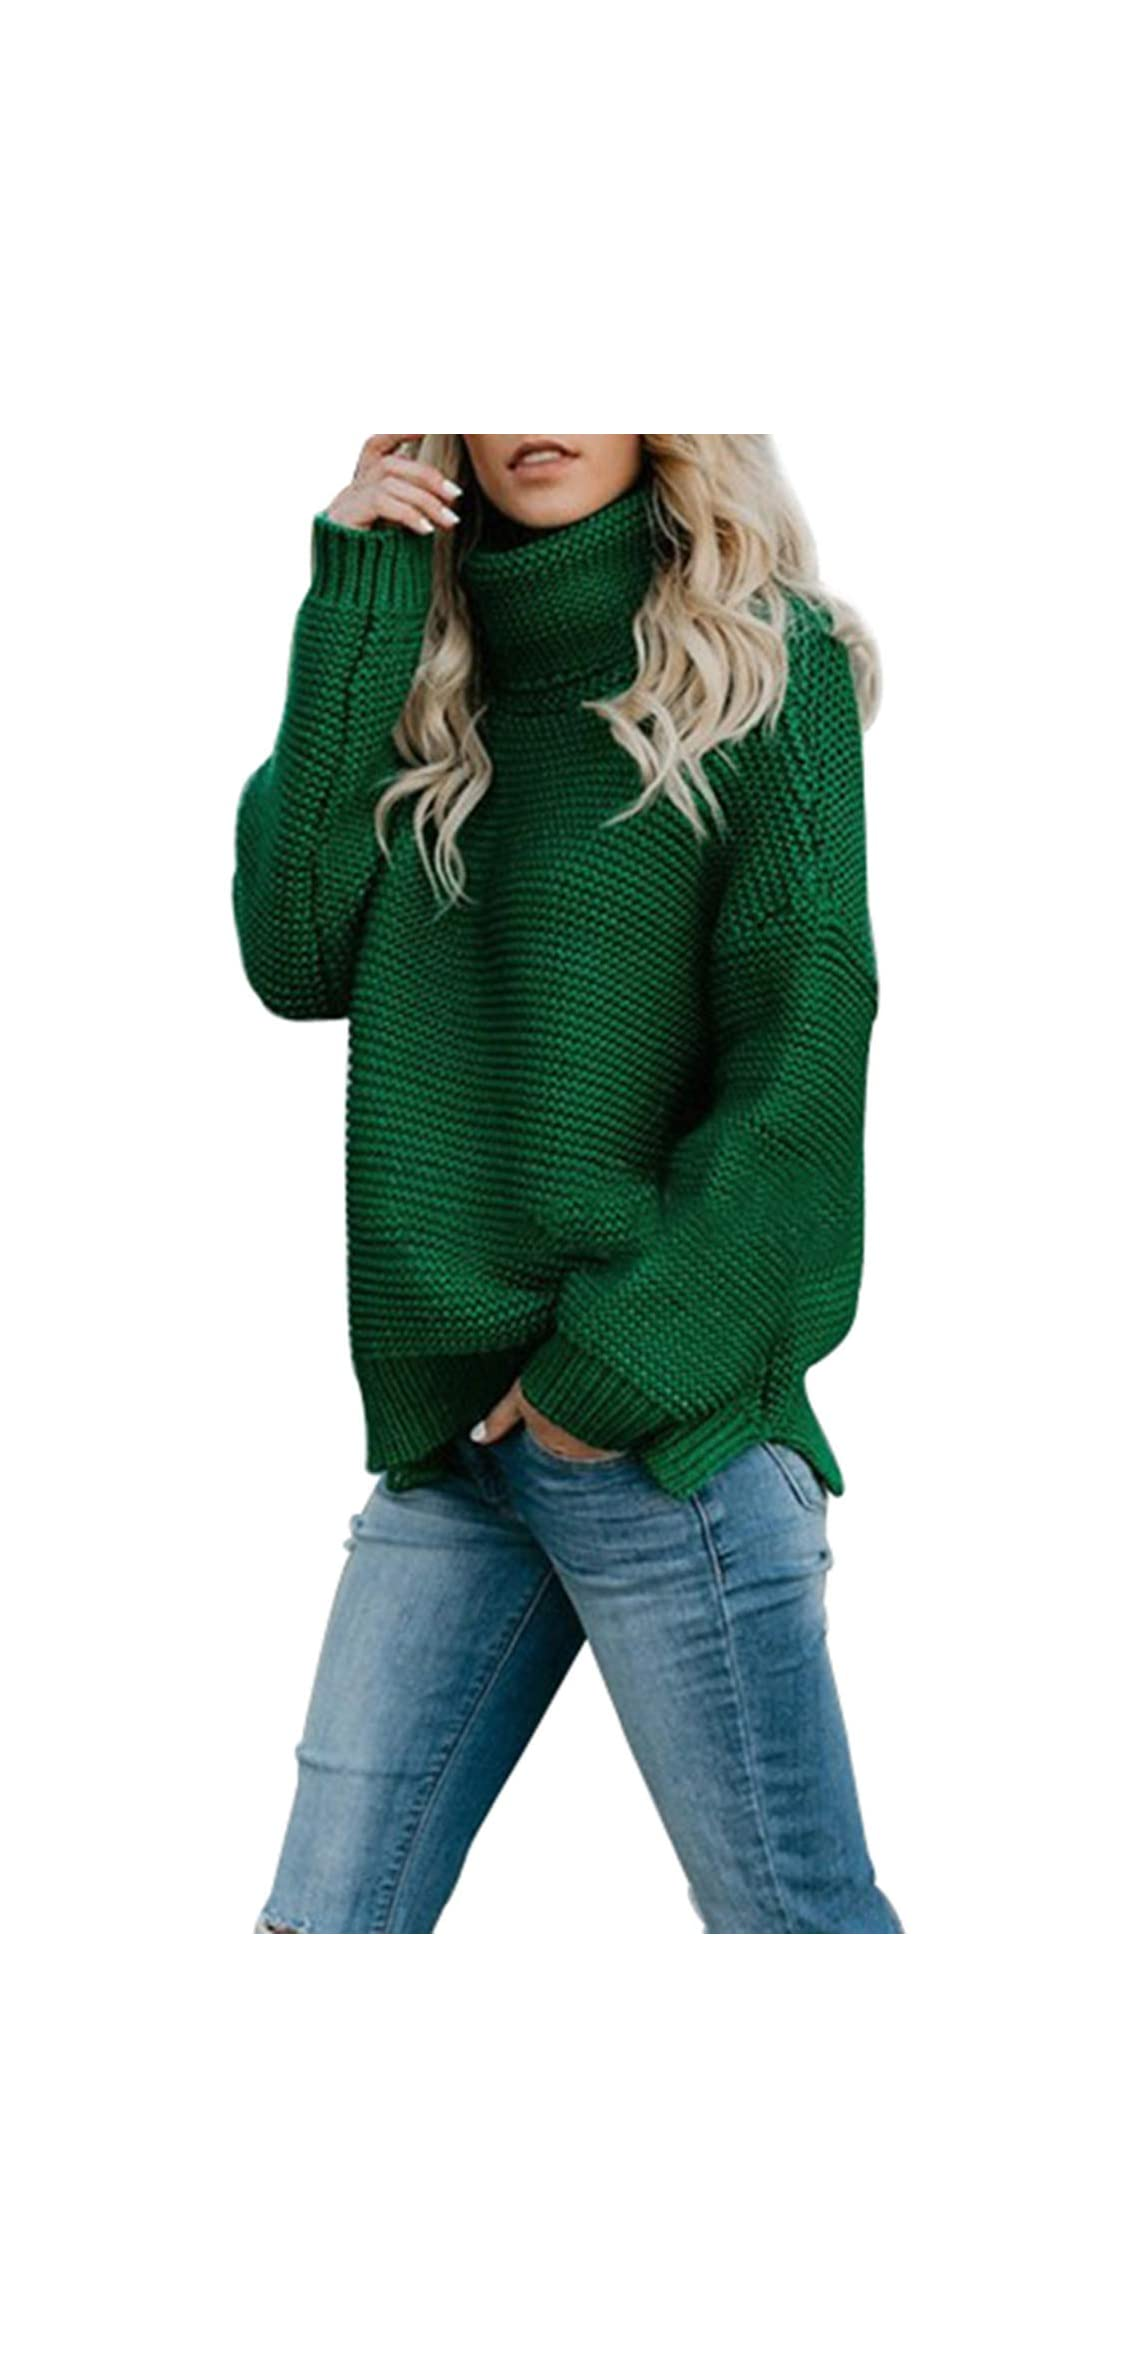 Chunky Turtleneck Sweater Women Long Sleeve Knit Jumper